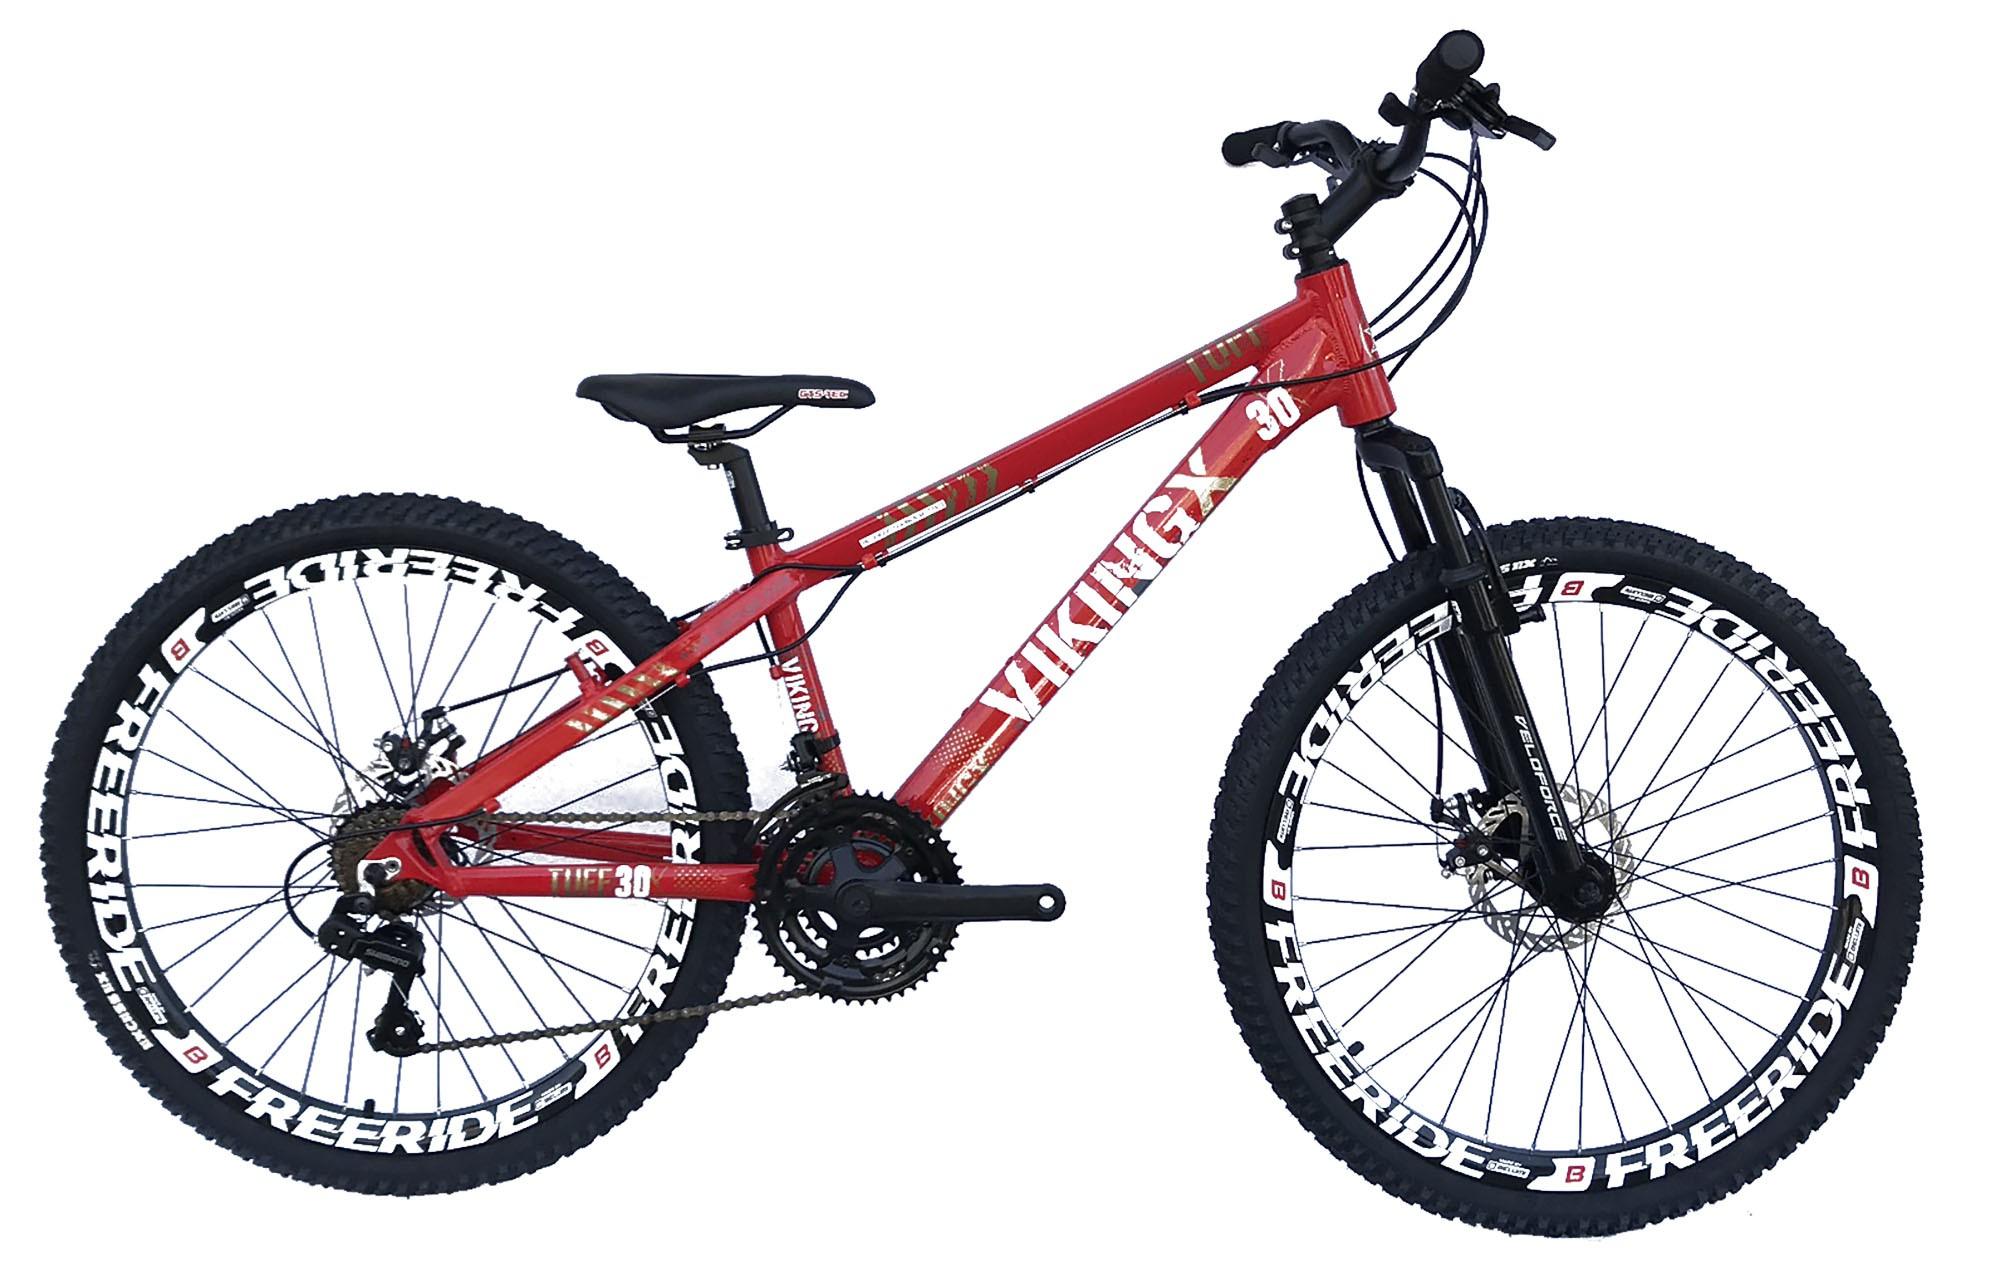 Bicicleta 26 Freeride Vikingx Tuff30 21v Imp/Shimano Freio Disco